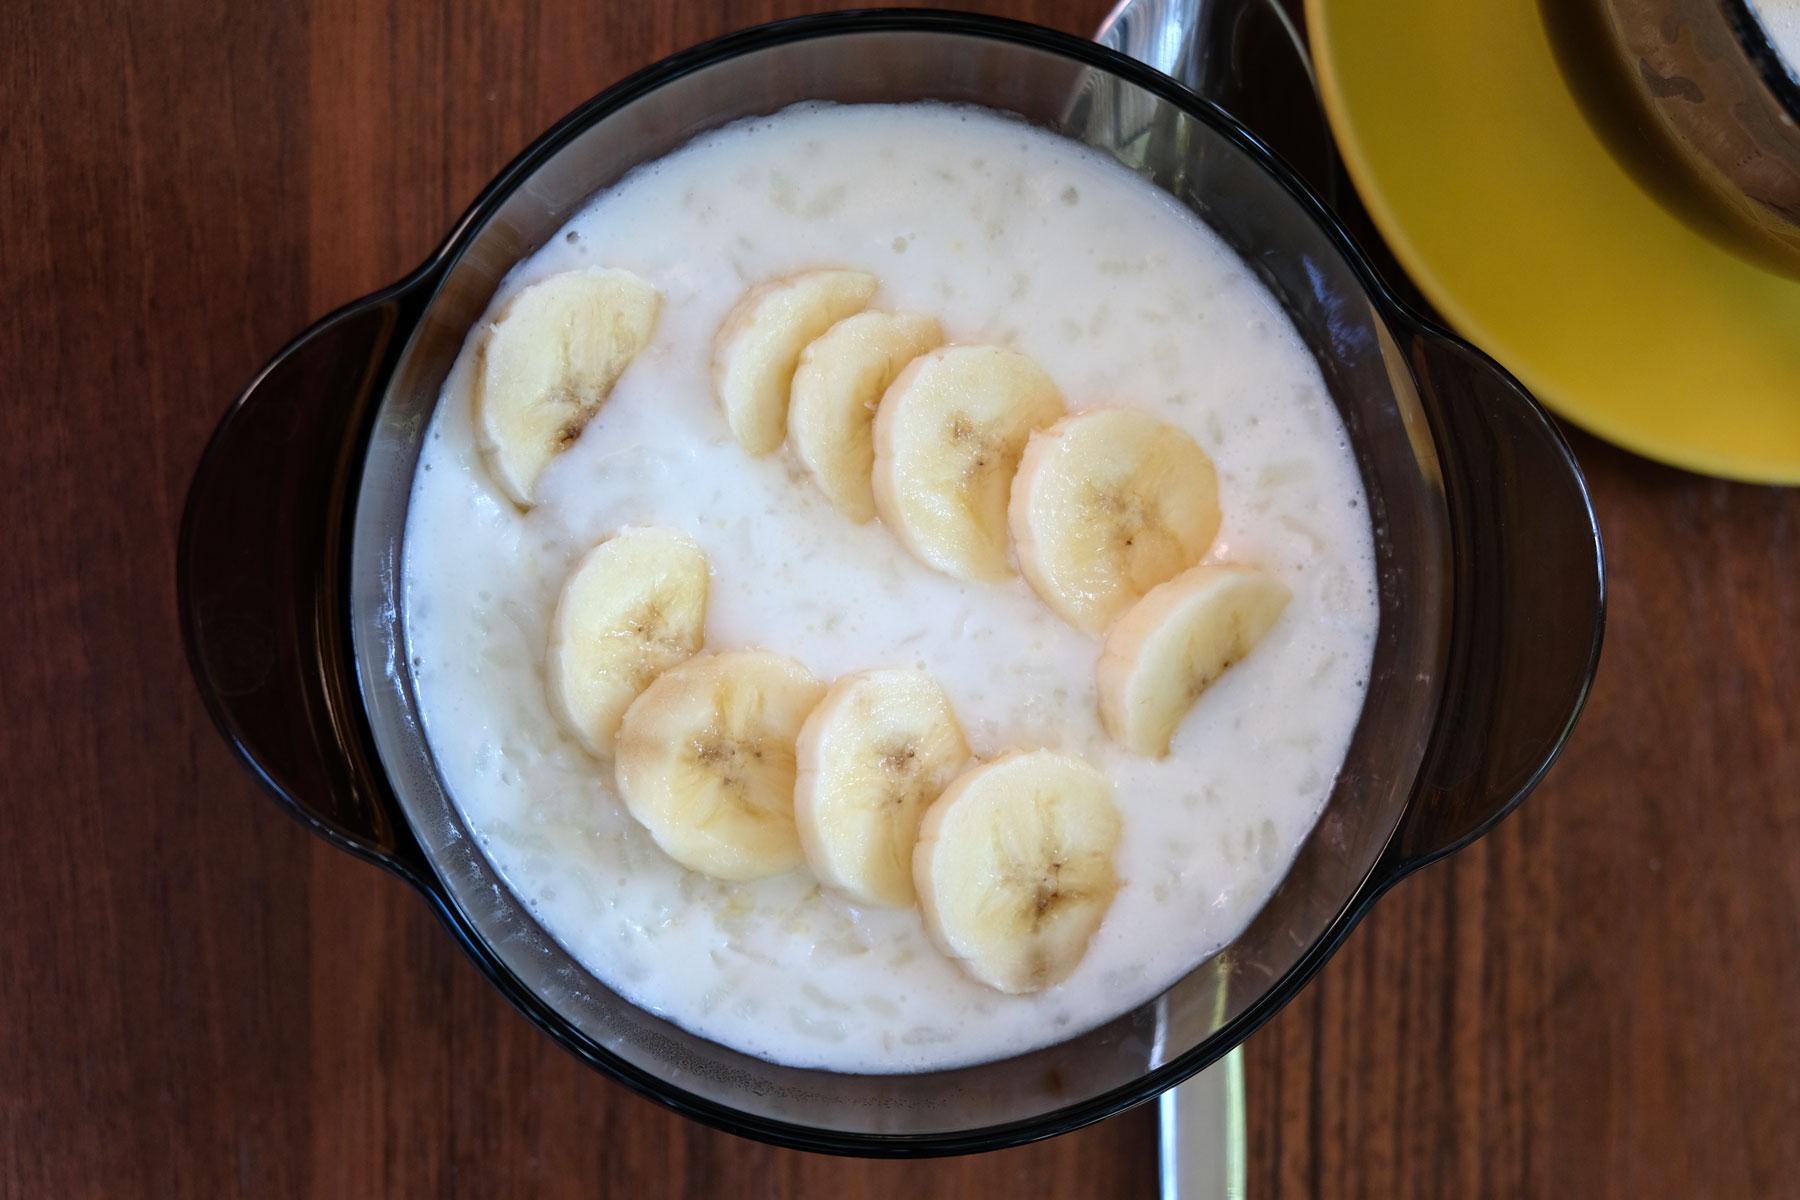 Unser geliebtes Frühstück in kasachstans Hauptstadt: Milchreis mit Banane :-)